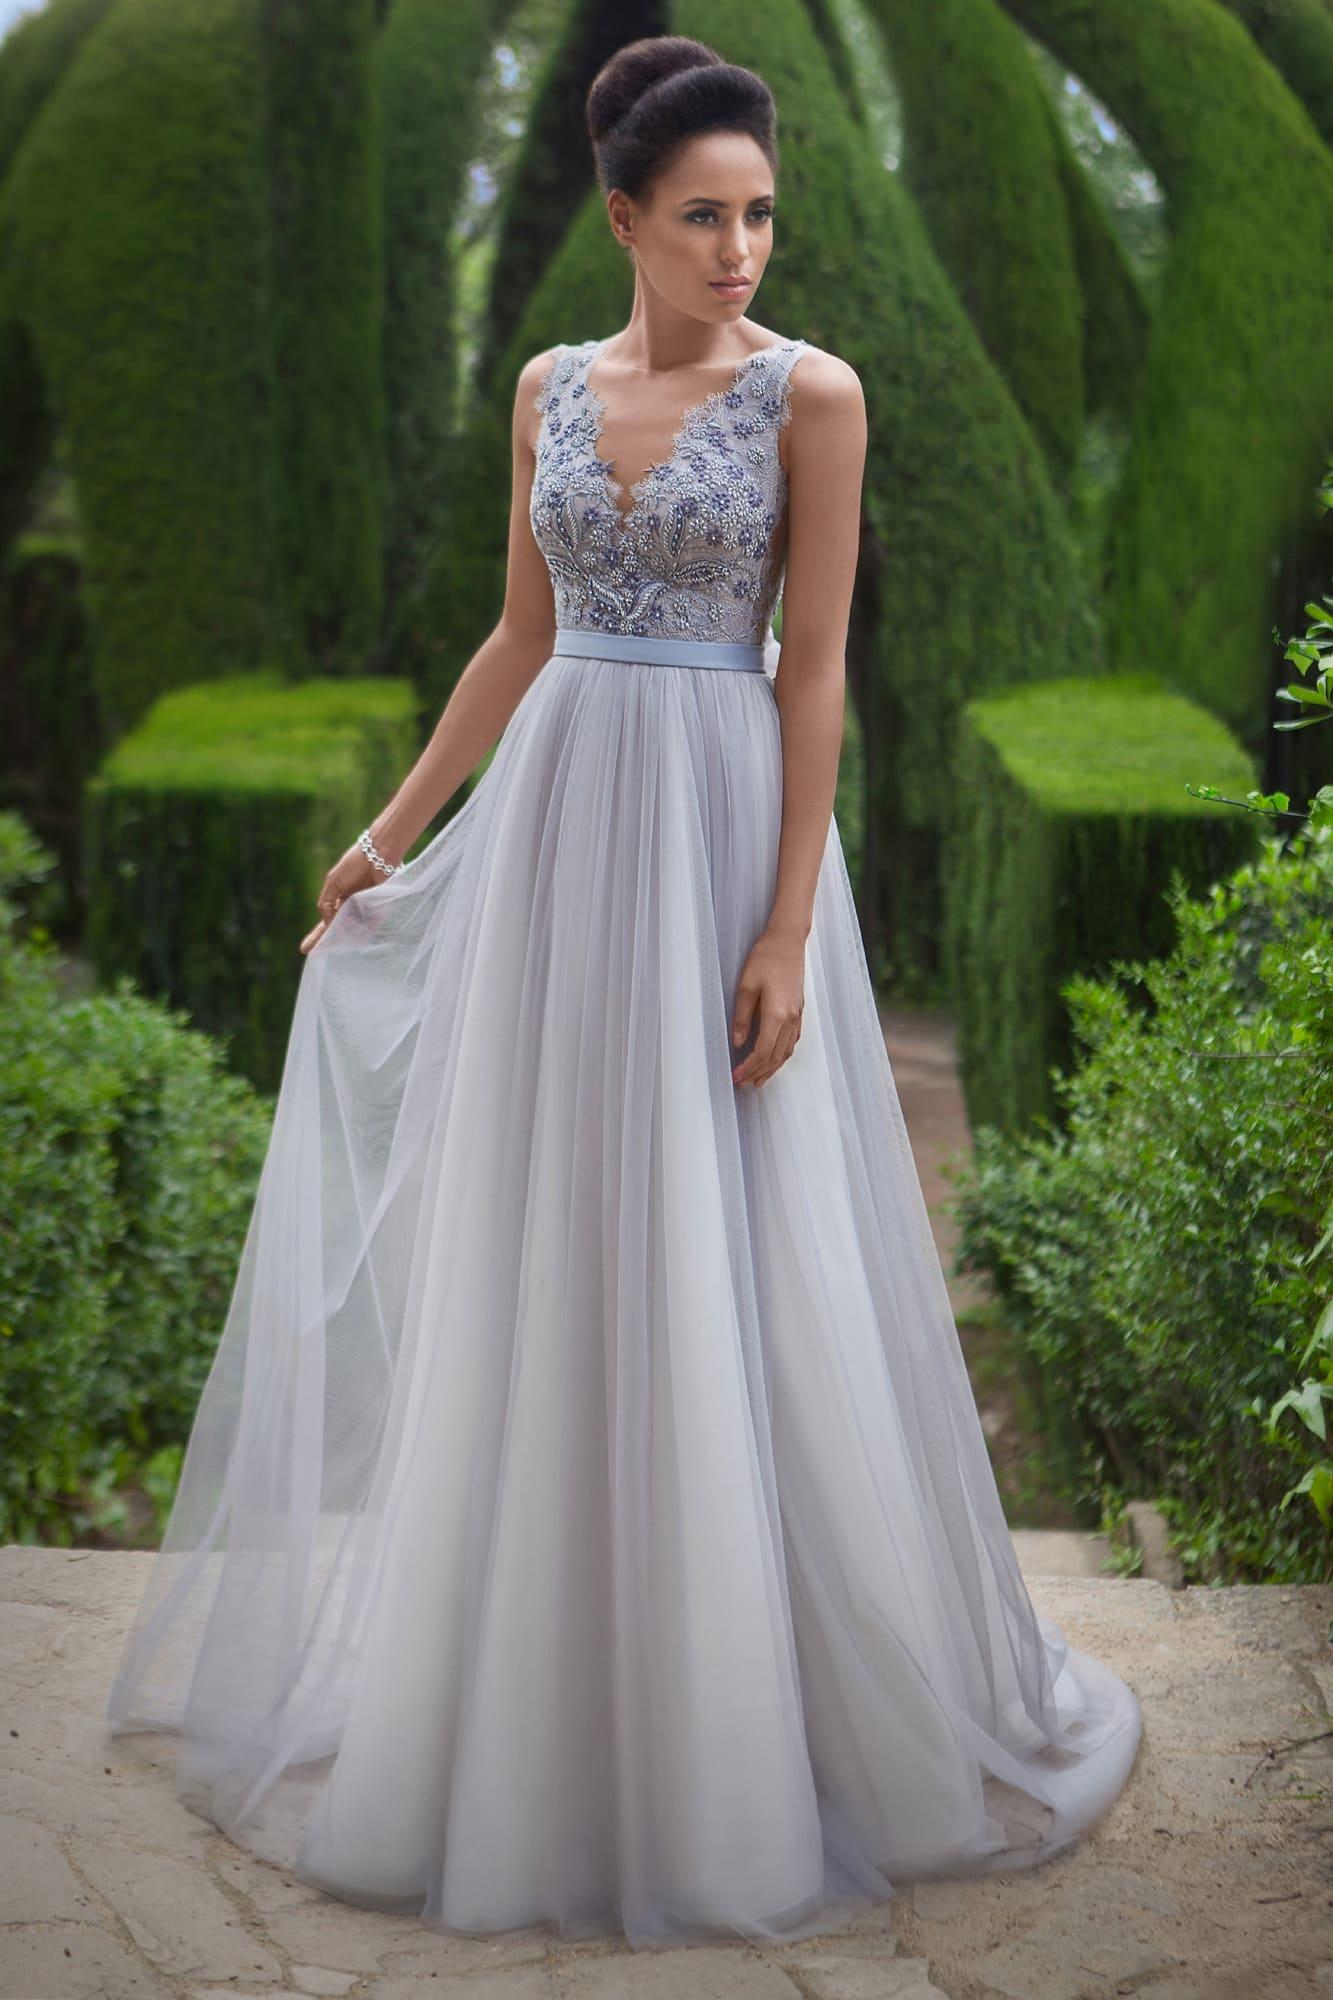 7890e7d39e7 Свадебное платье прямого силуэта с цветной вышивкой по лифу и узким поясом  на талии.